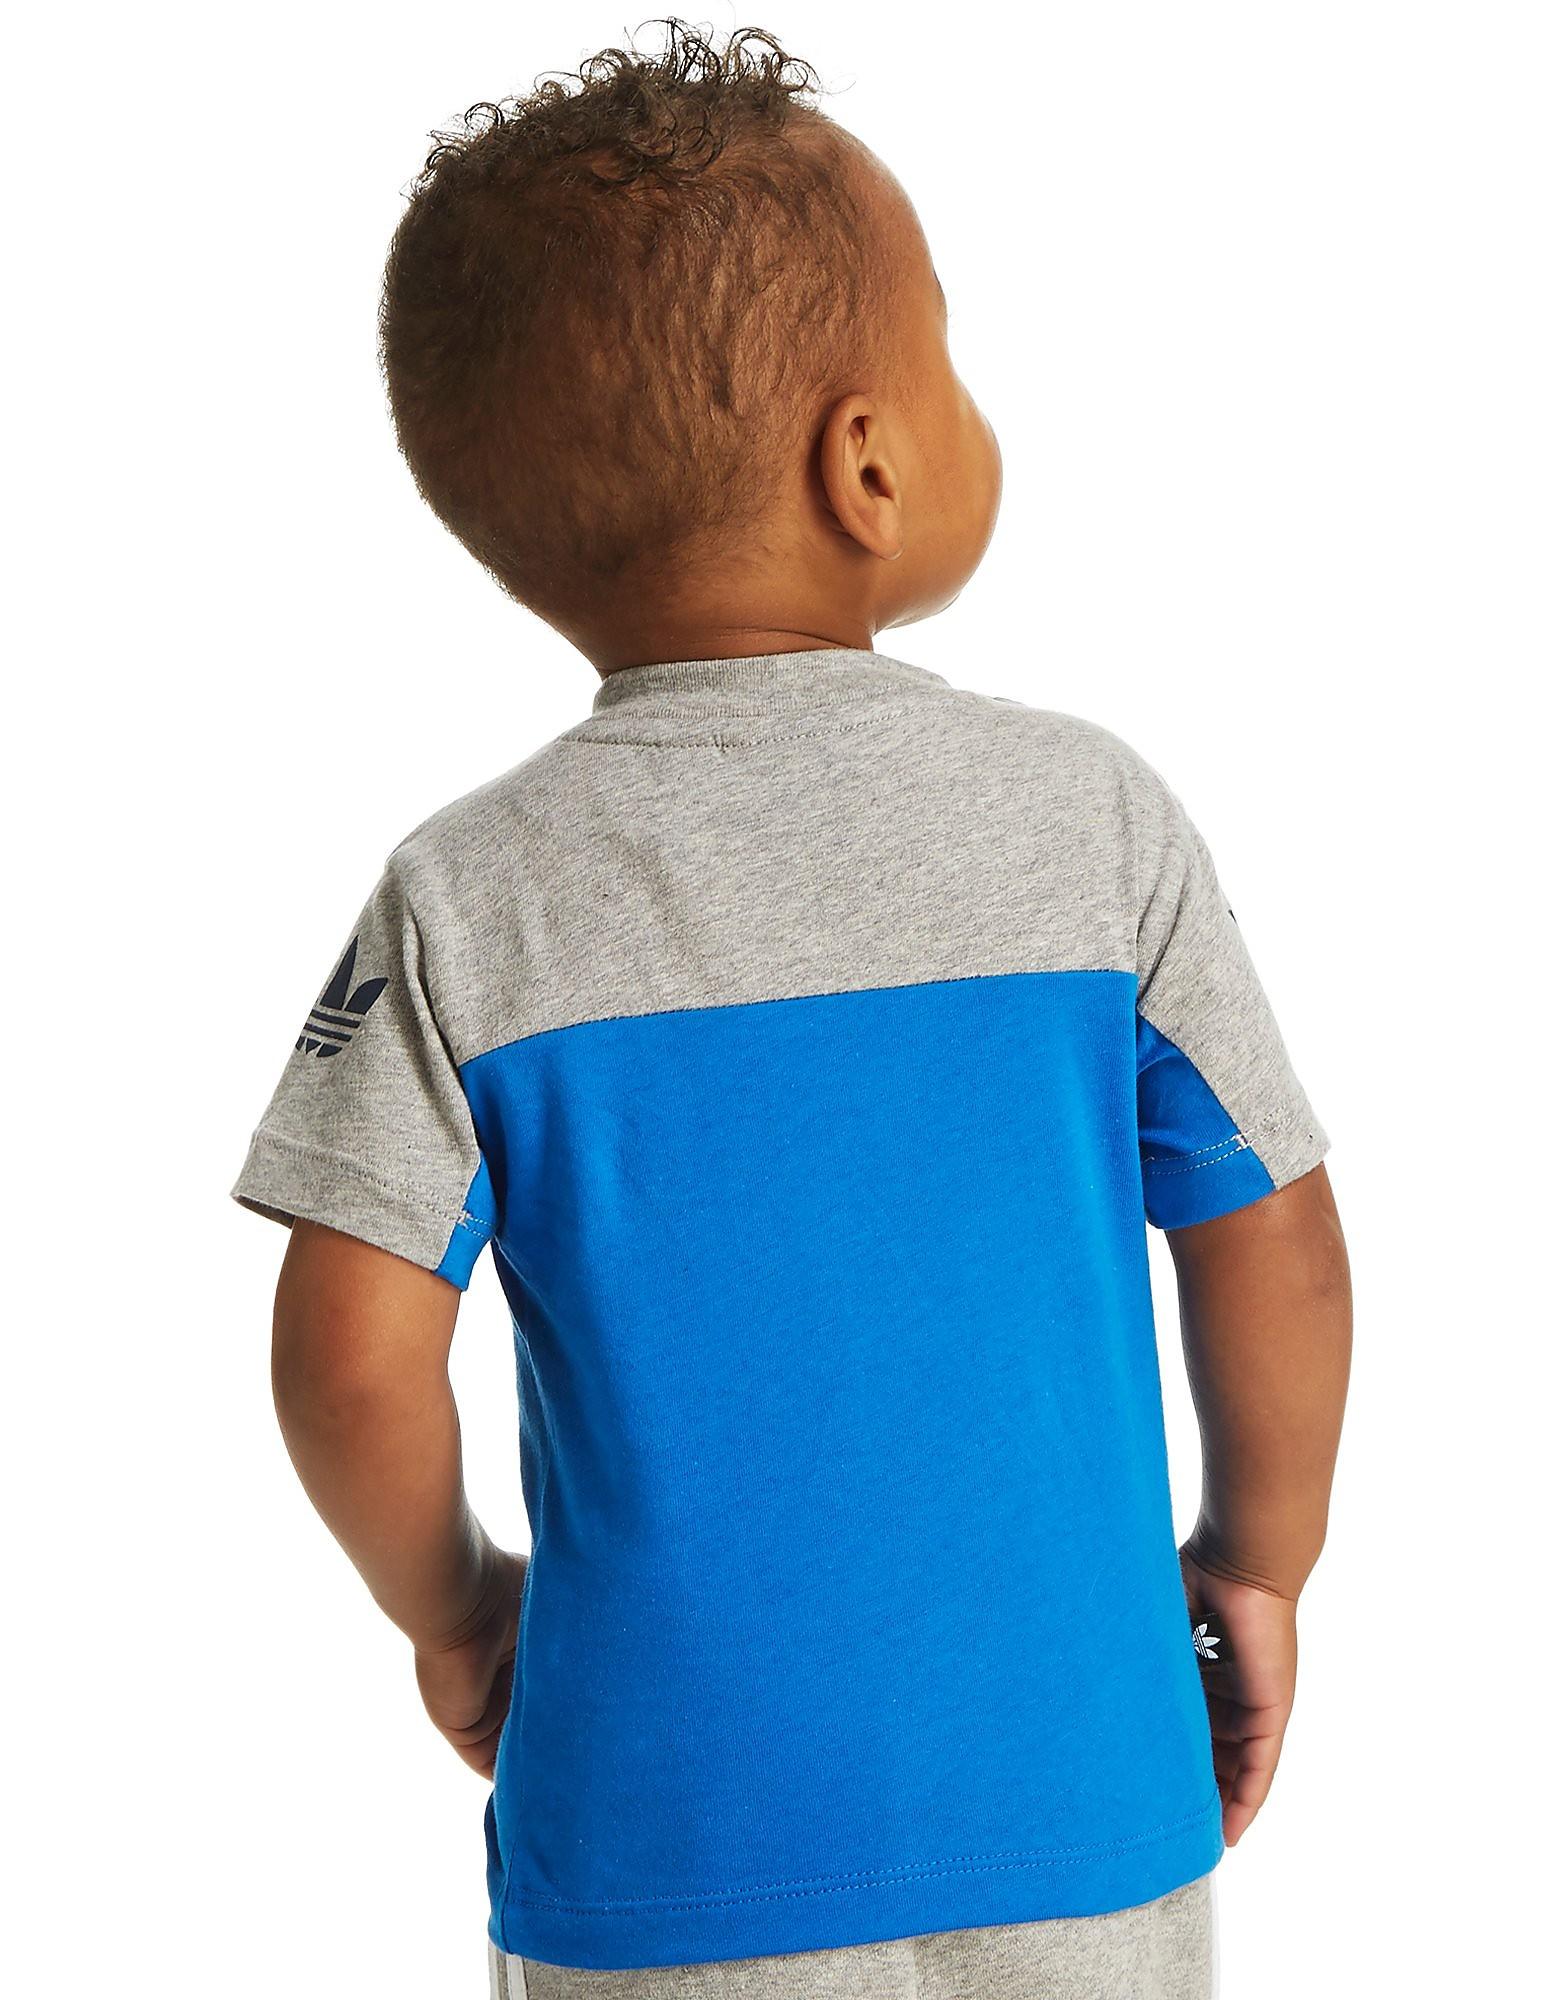 adidas Originals T-shirt med kløver og farveblok – små børn